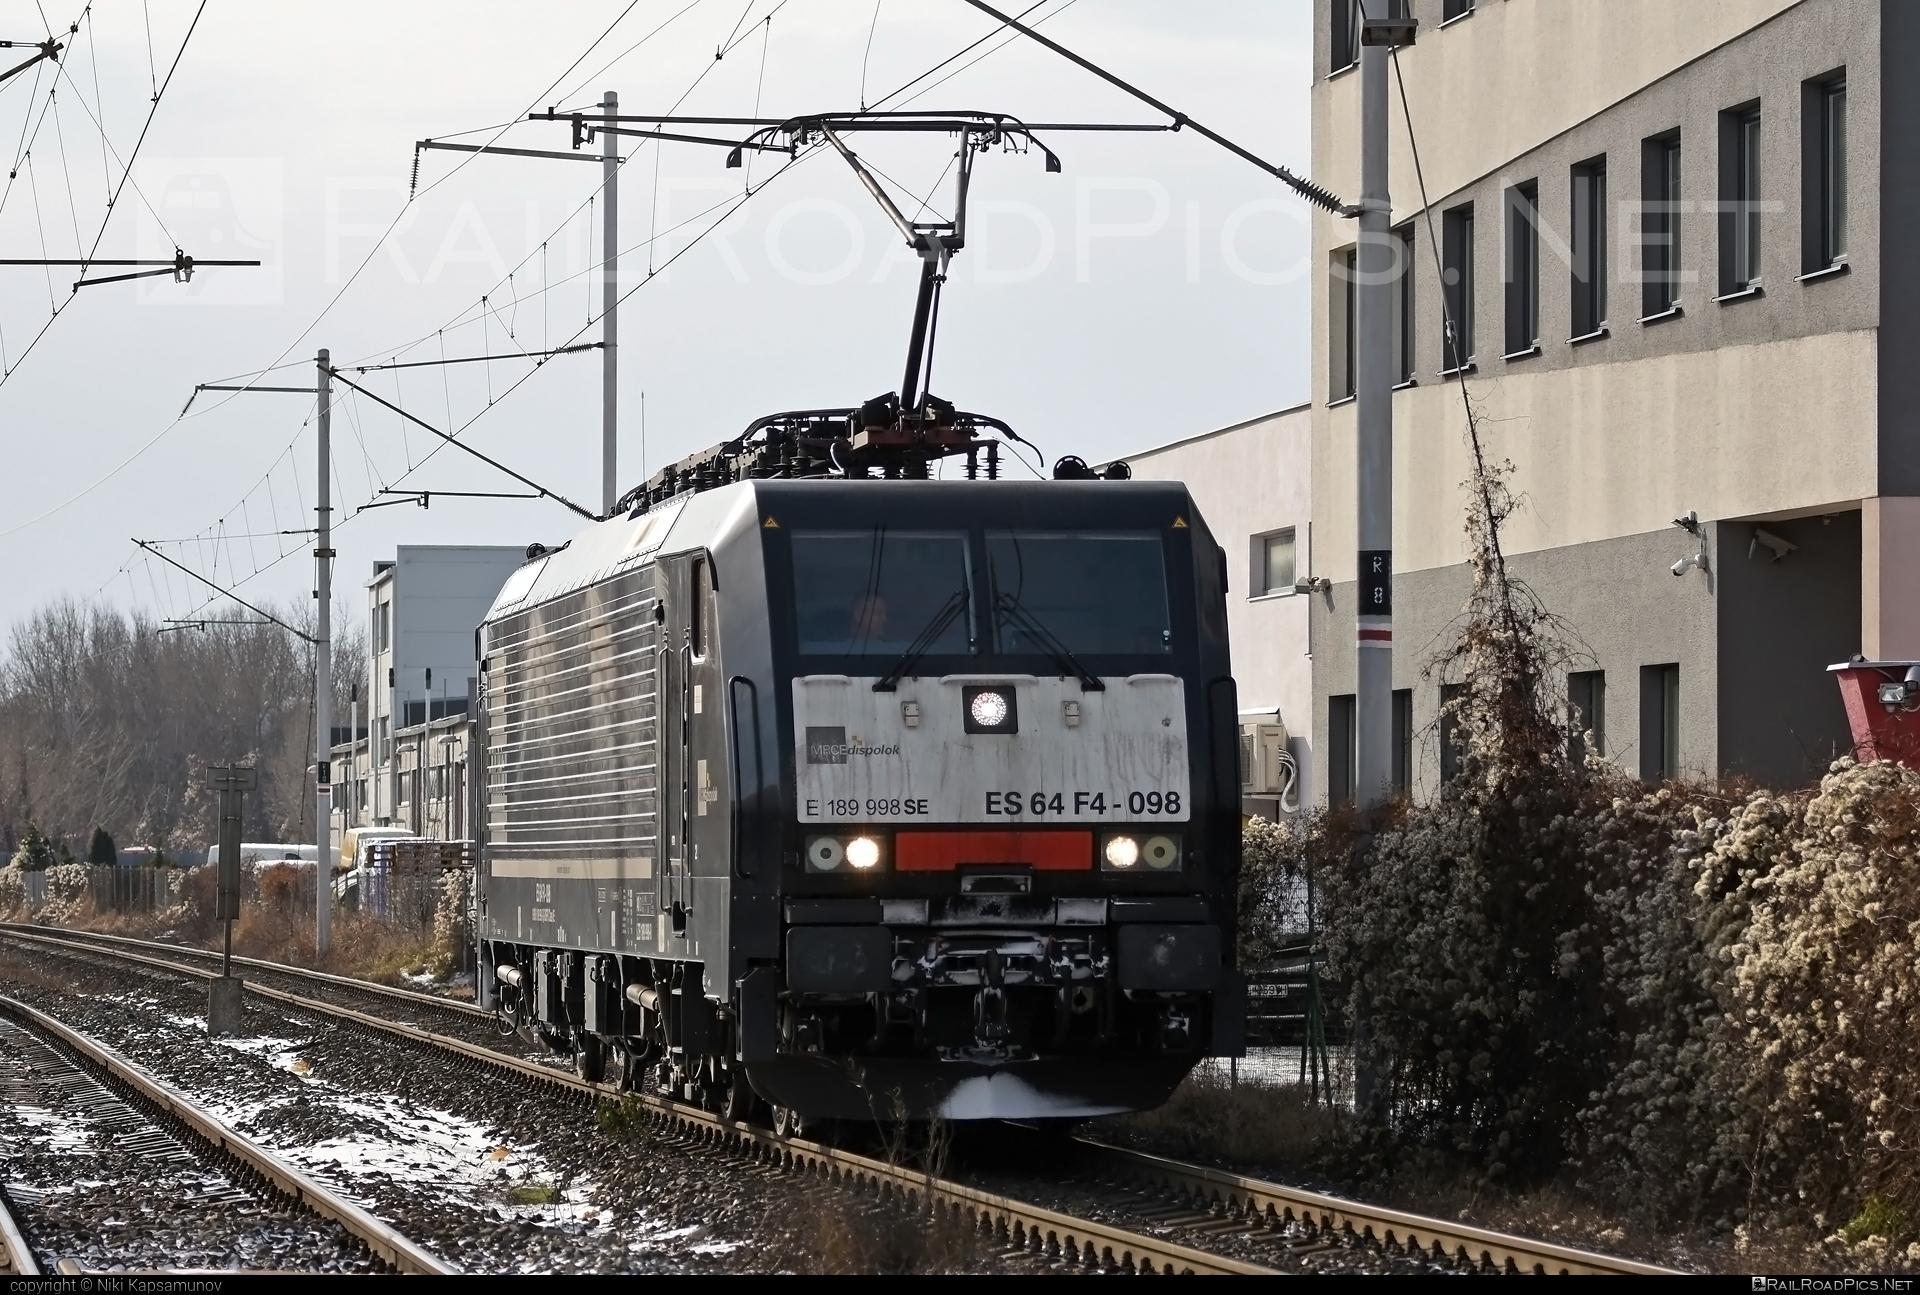 Siemens ES 64 F4 - 189 998-8 operated by ecco-rail GmbH #dispolok #eccorail #eccorailgmbh #es64 #es64f4 #eurosprinter #mitsuirailcapitaleurope #mitsuirailcapitaleuropegmbh #mrce #siemens #siemenses64 #siemenses64f4